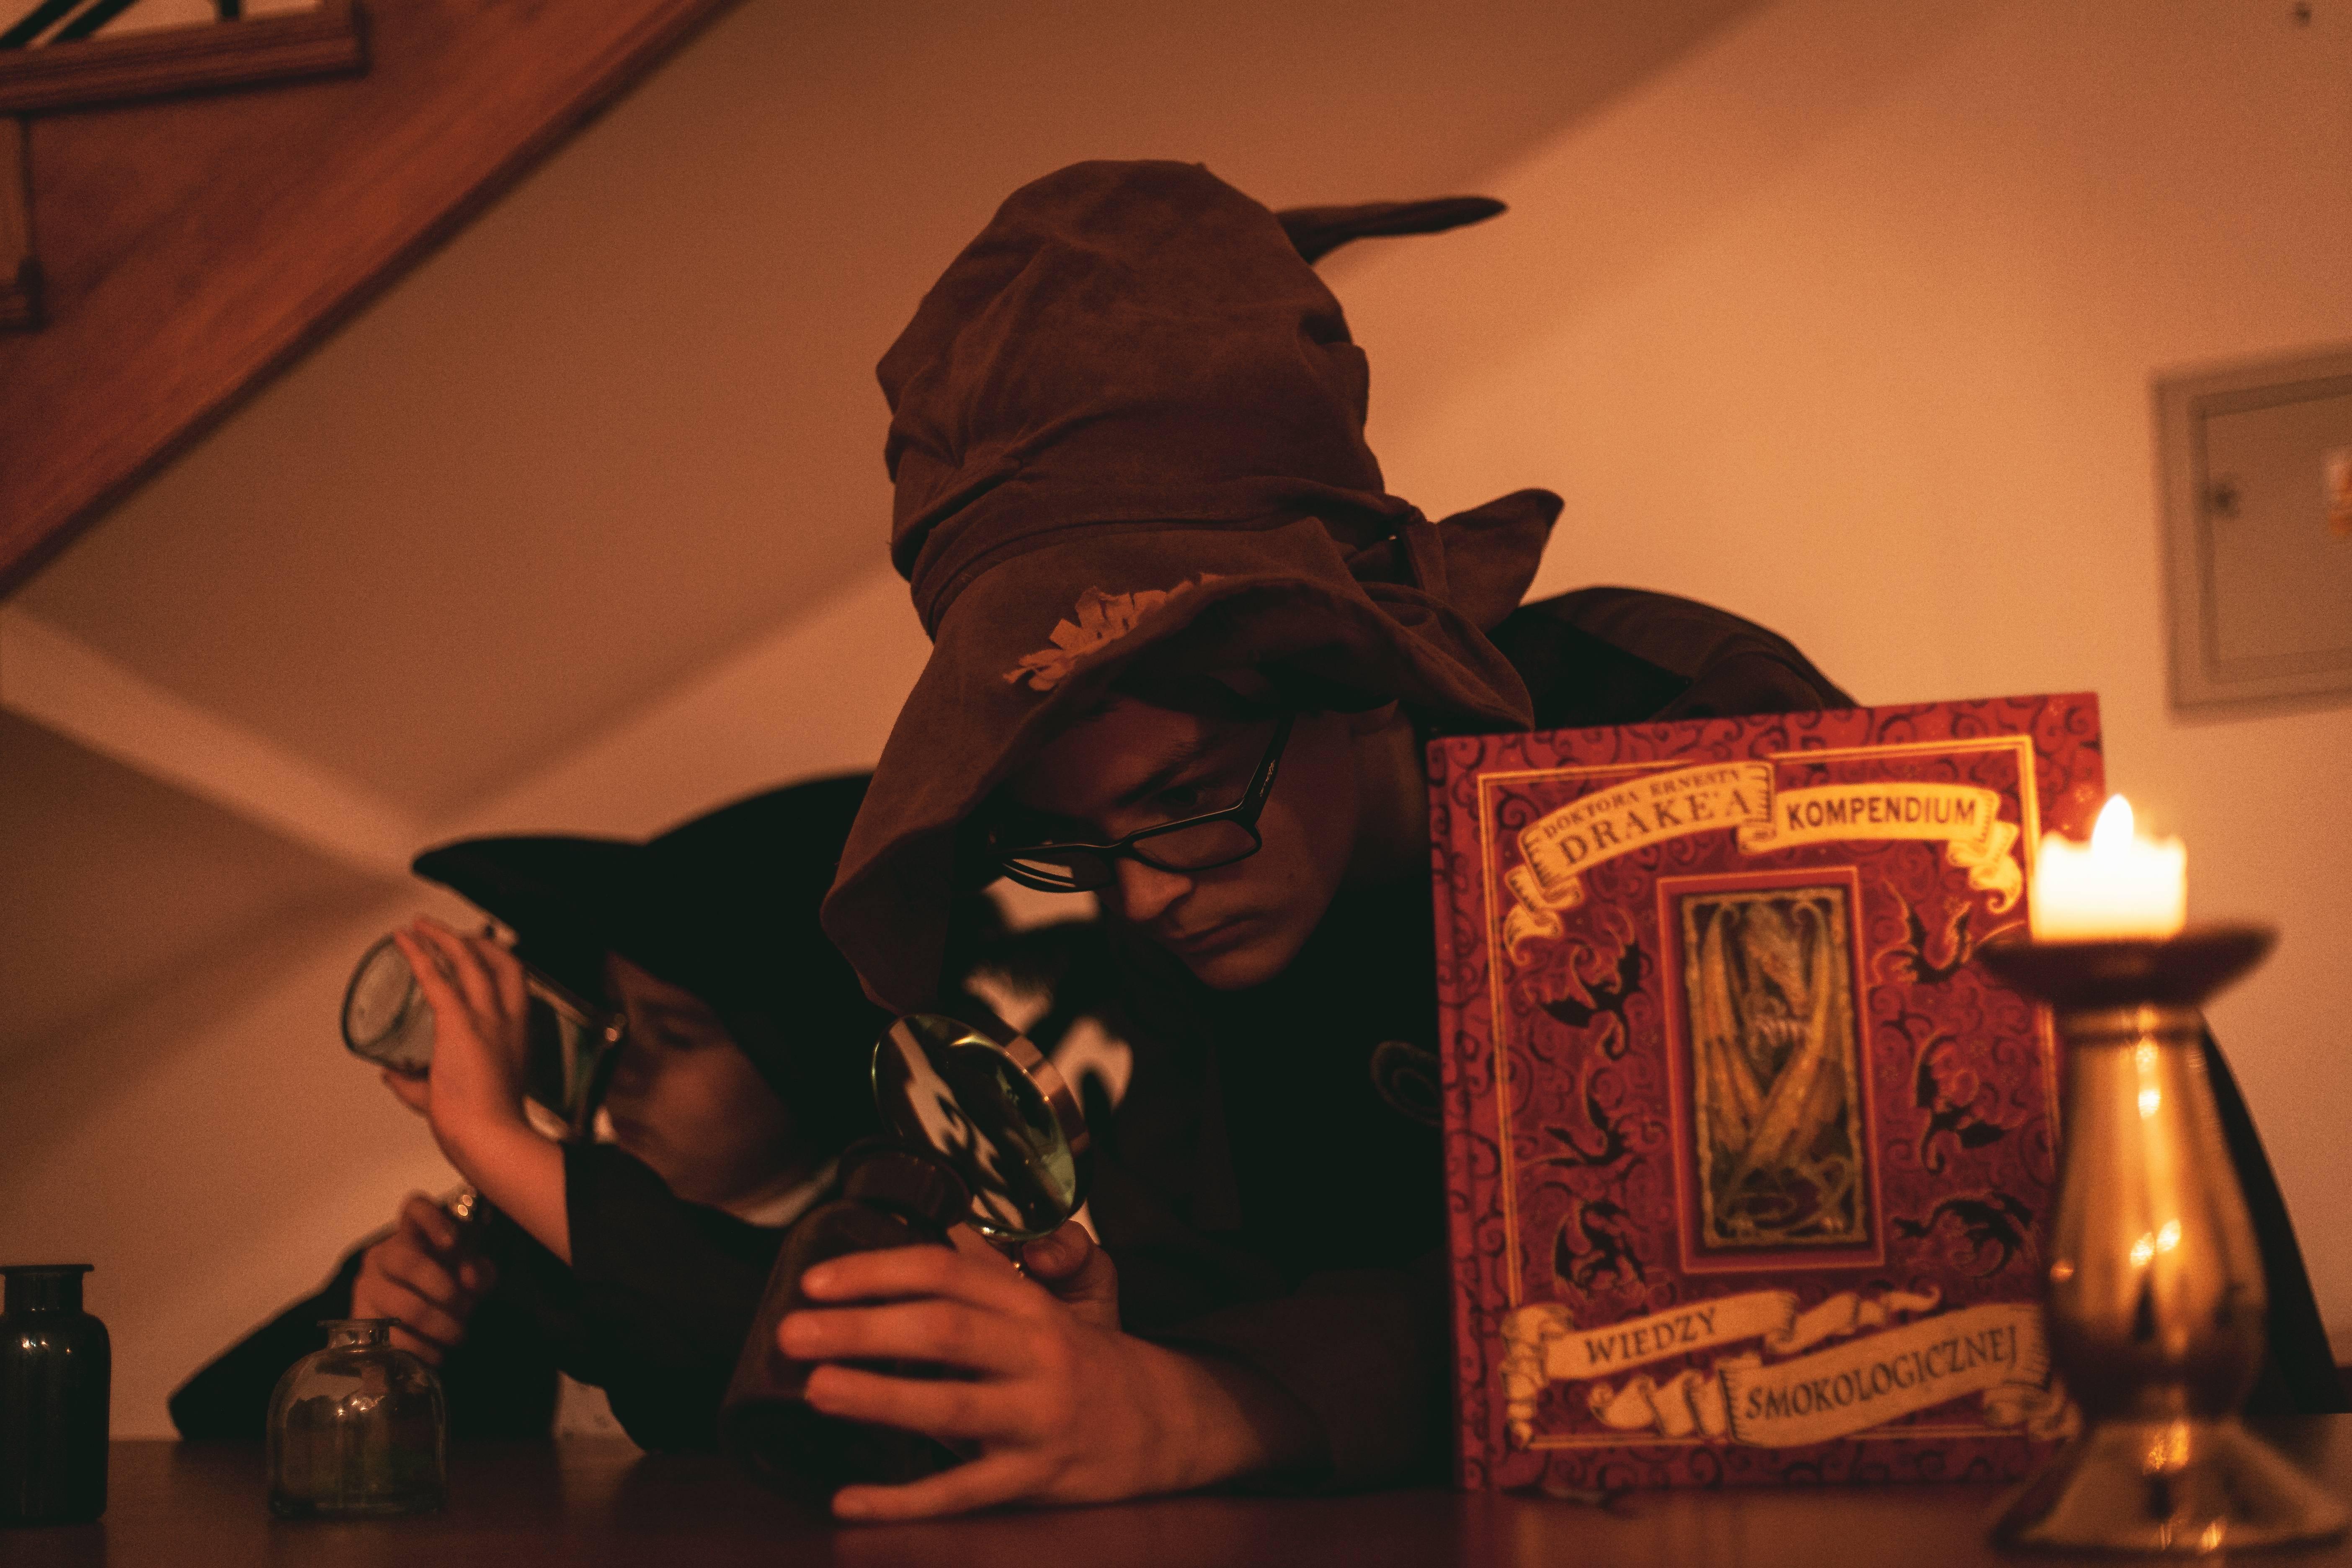 http://www.harry-potter.net.pl/images/articles/kolonie_hp_4.jpg